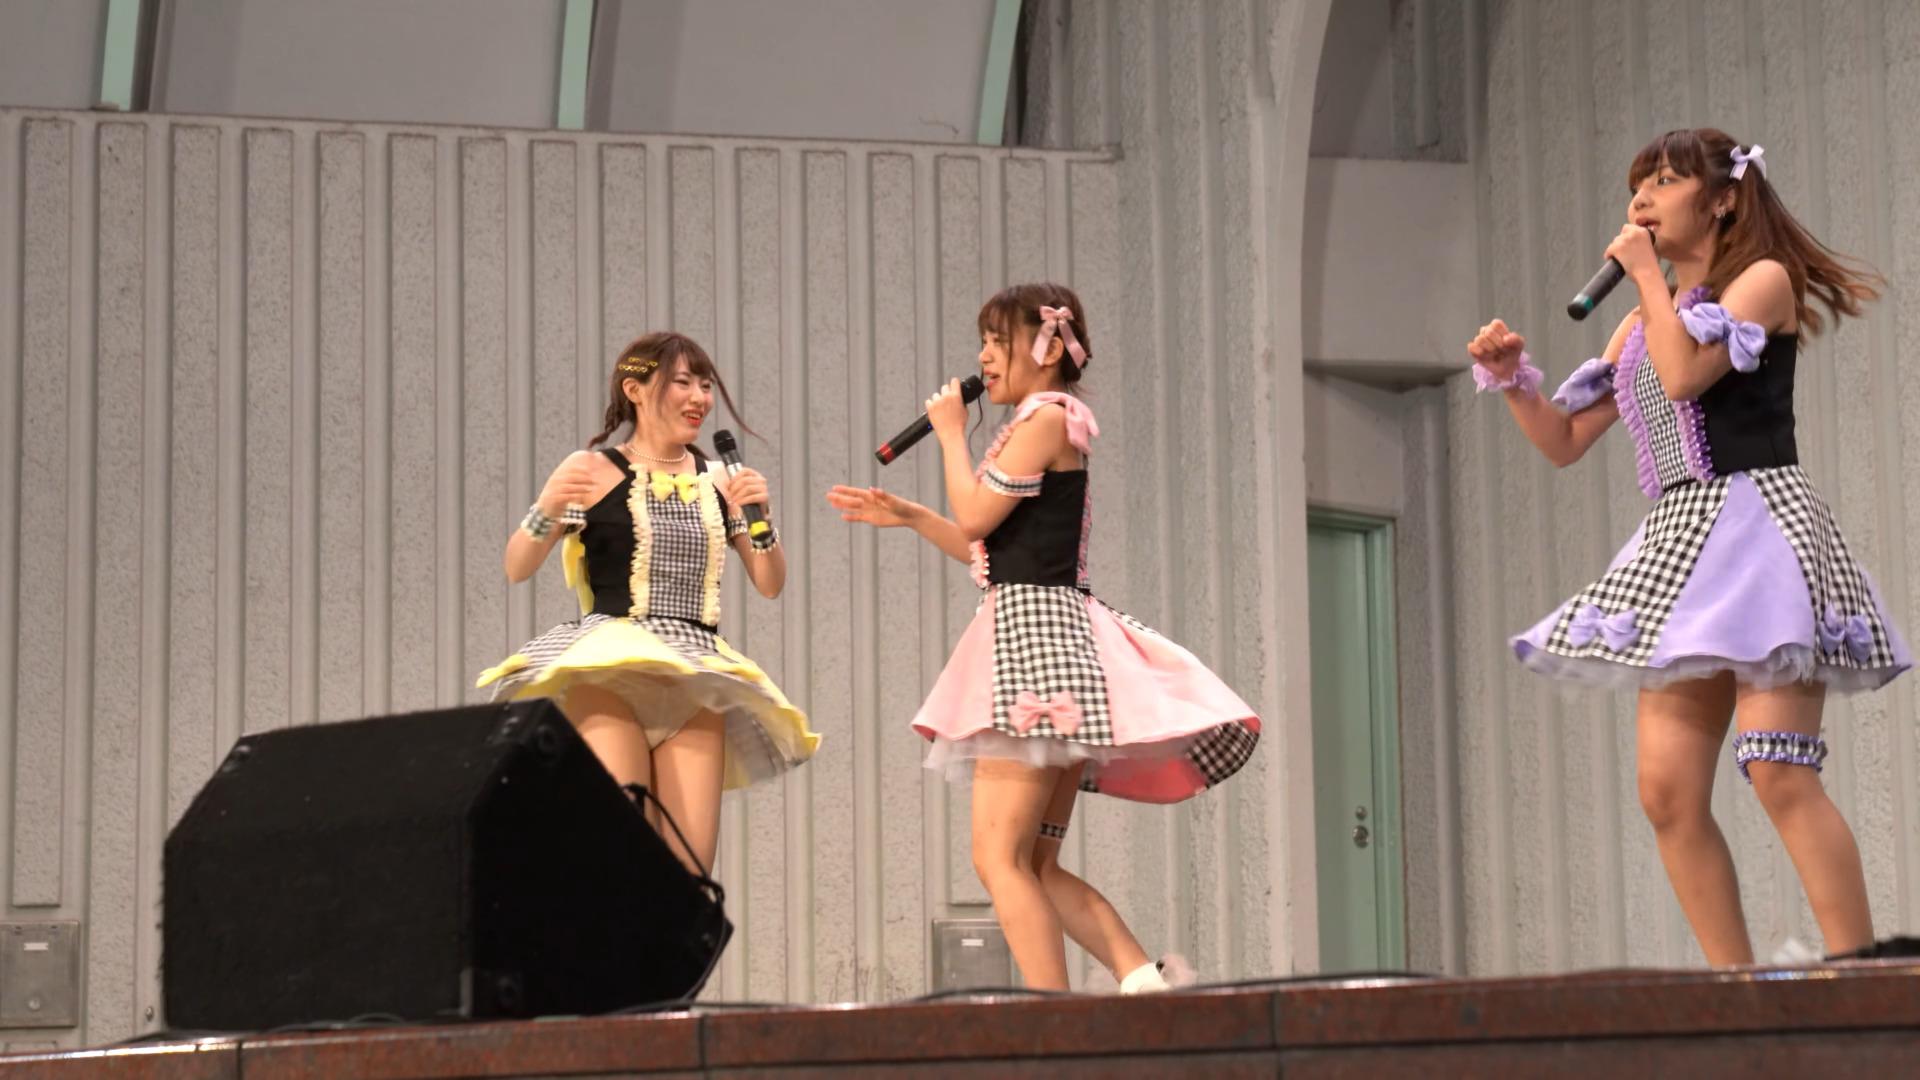 固定【4K/α7Rⅲ/2470GM】Tierna/てぃえるな(Japanese idol group)アイドルキャンパス/IdolCampus at 上野水上音楽堂 2020年10月17日(土) 08:31